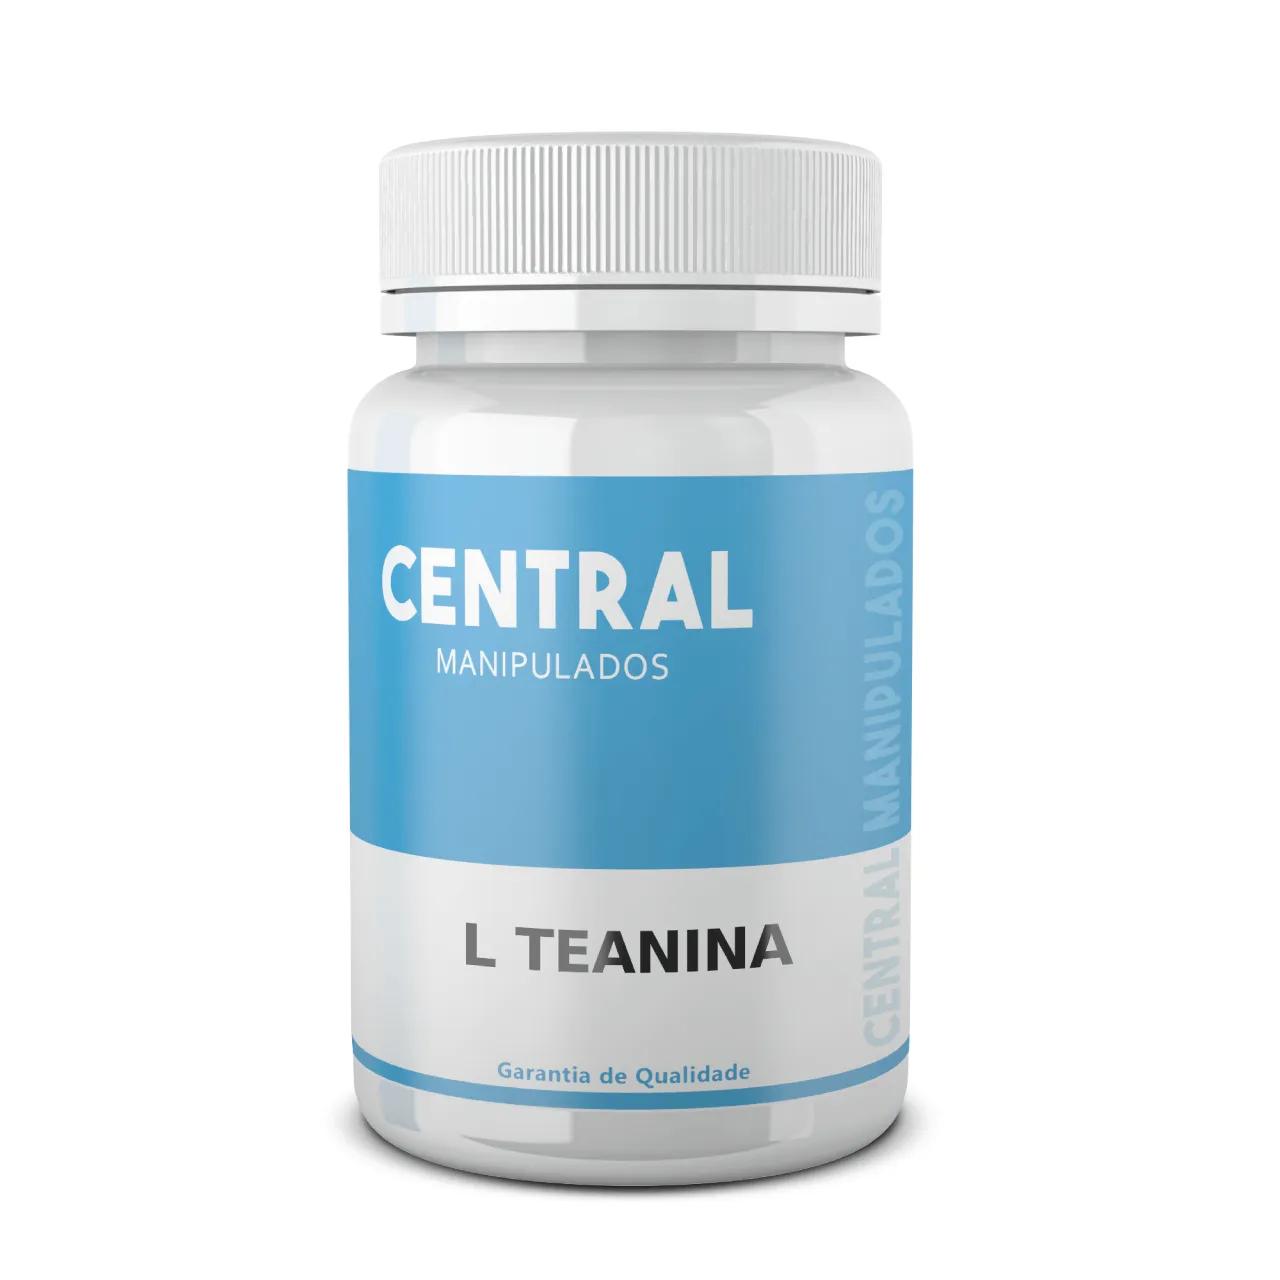 L-teanina 200mg - 30 cápsulas - Reduz Ansiedade, Estresse e TPM,  Aumentar sistema imunológico,  Atenua Hipertensão